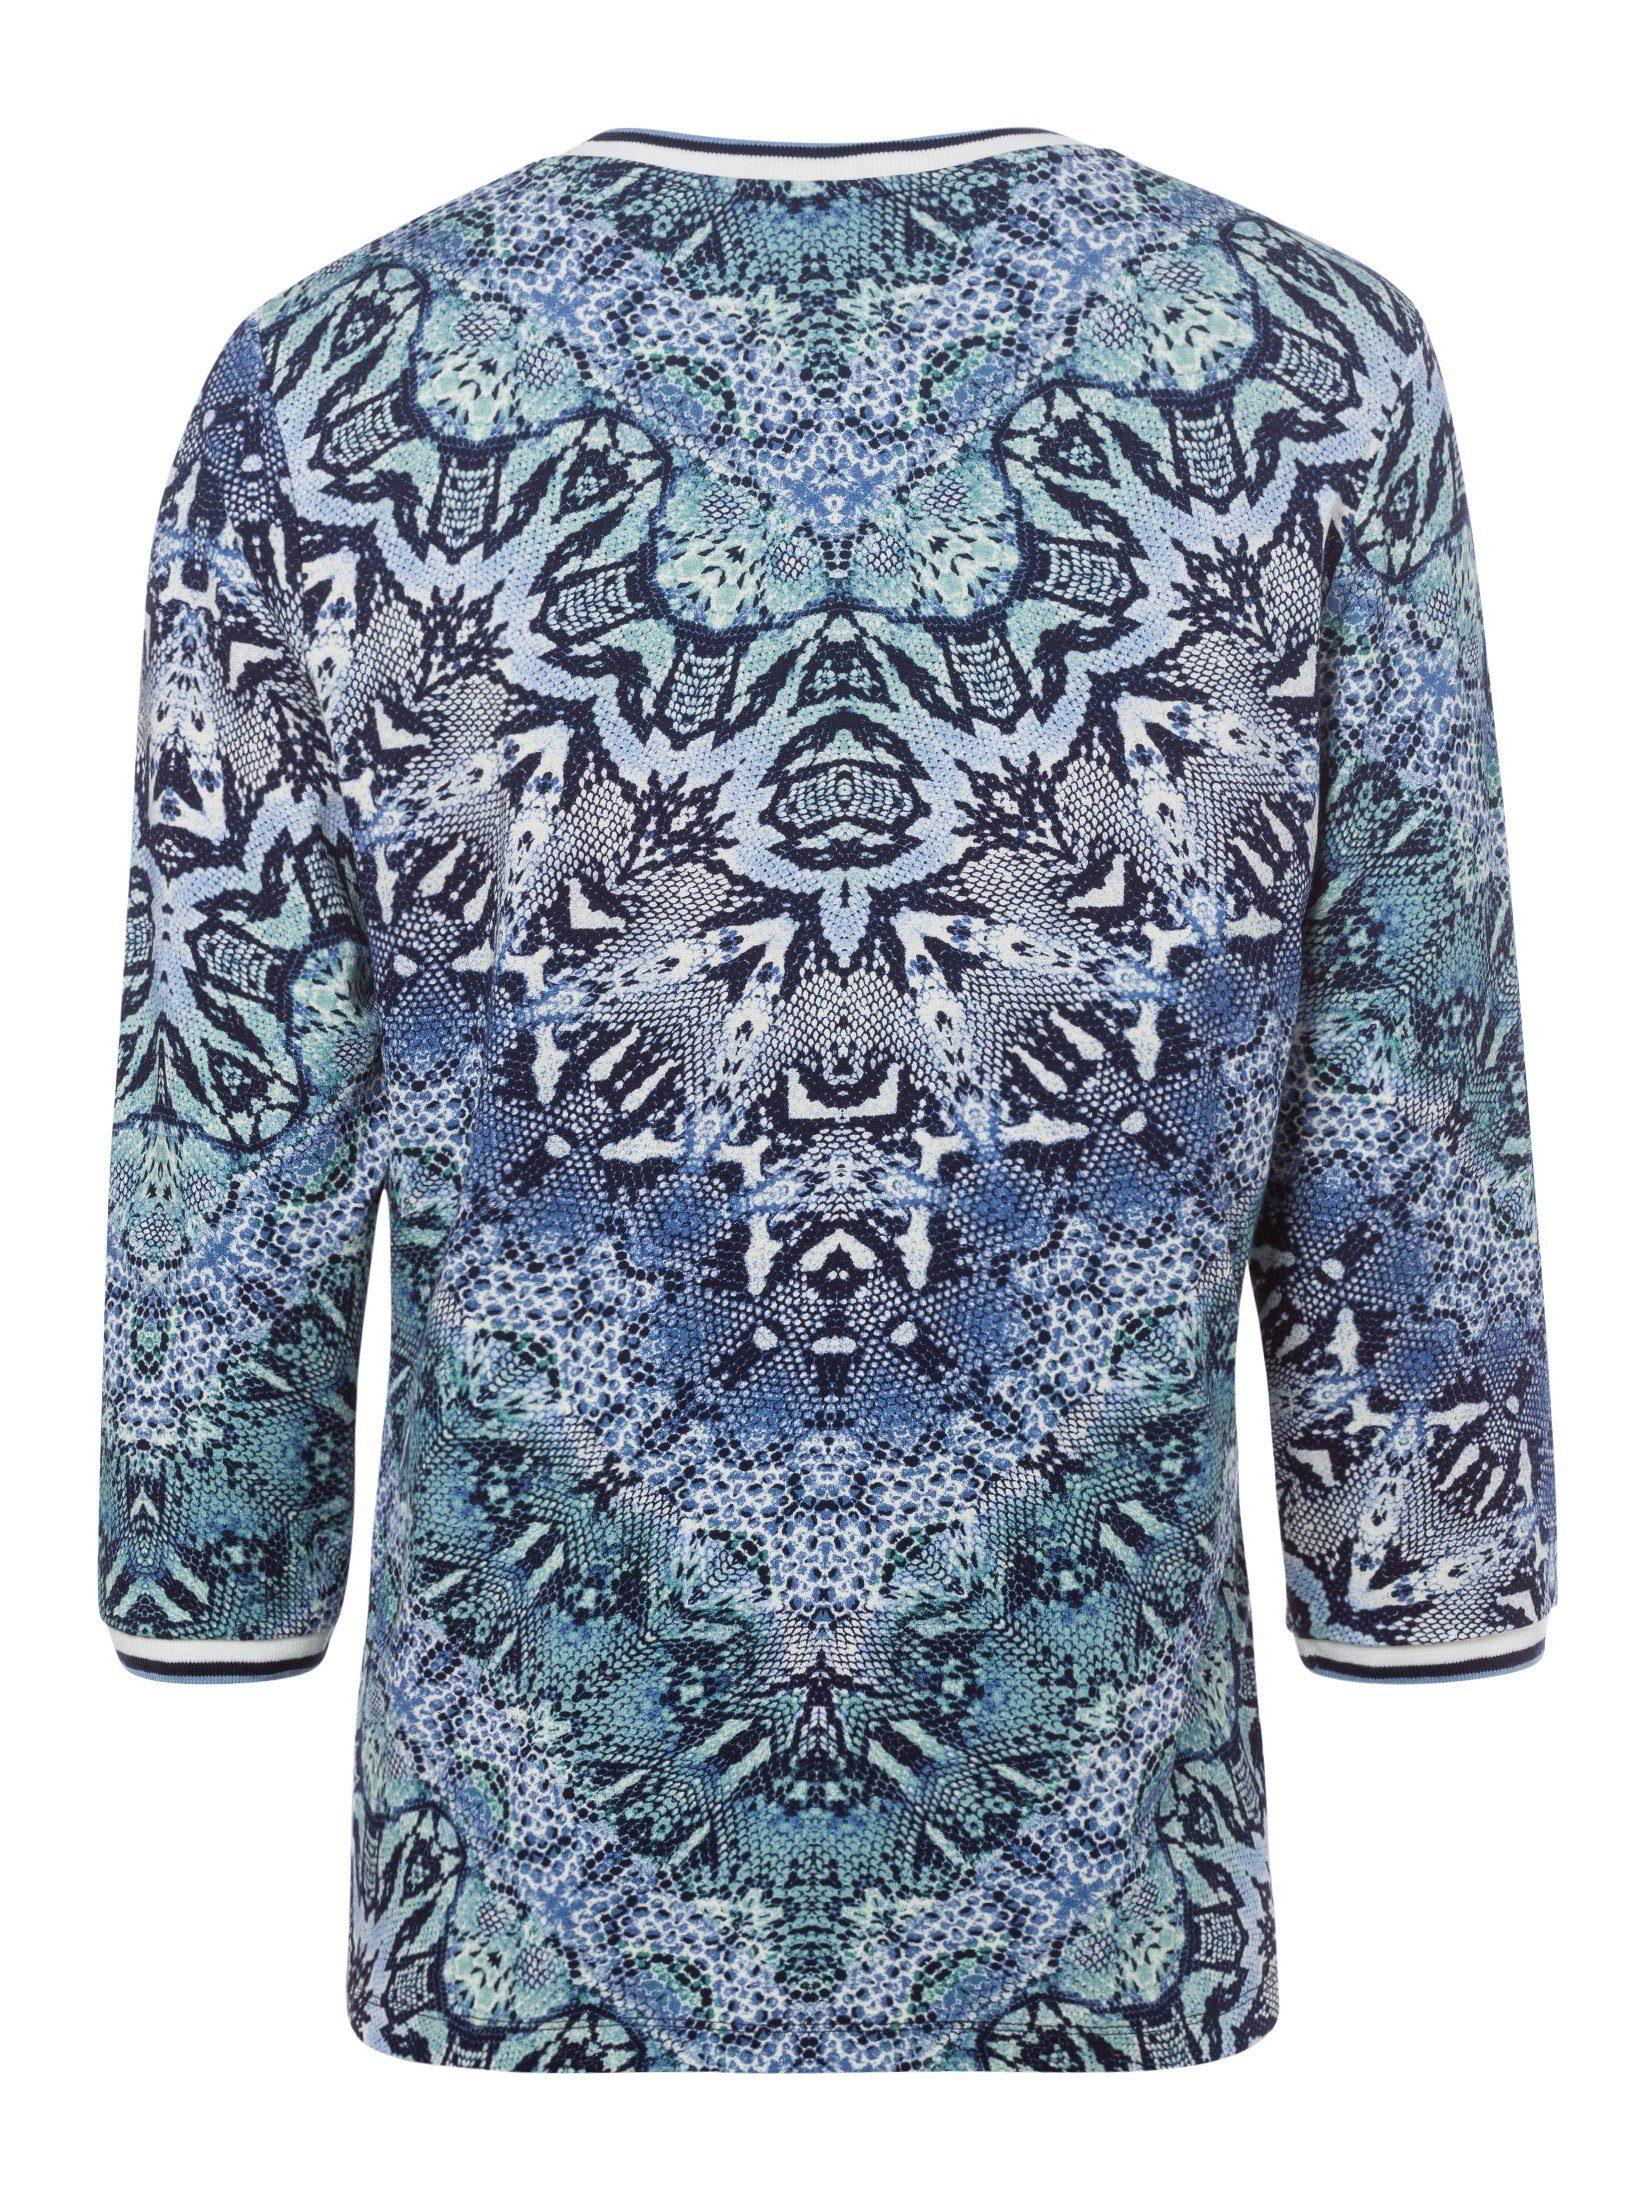 Olsen Shirt Met V-hals Snel Online Gekocht - Geweldige Prijs